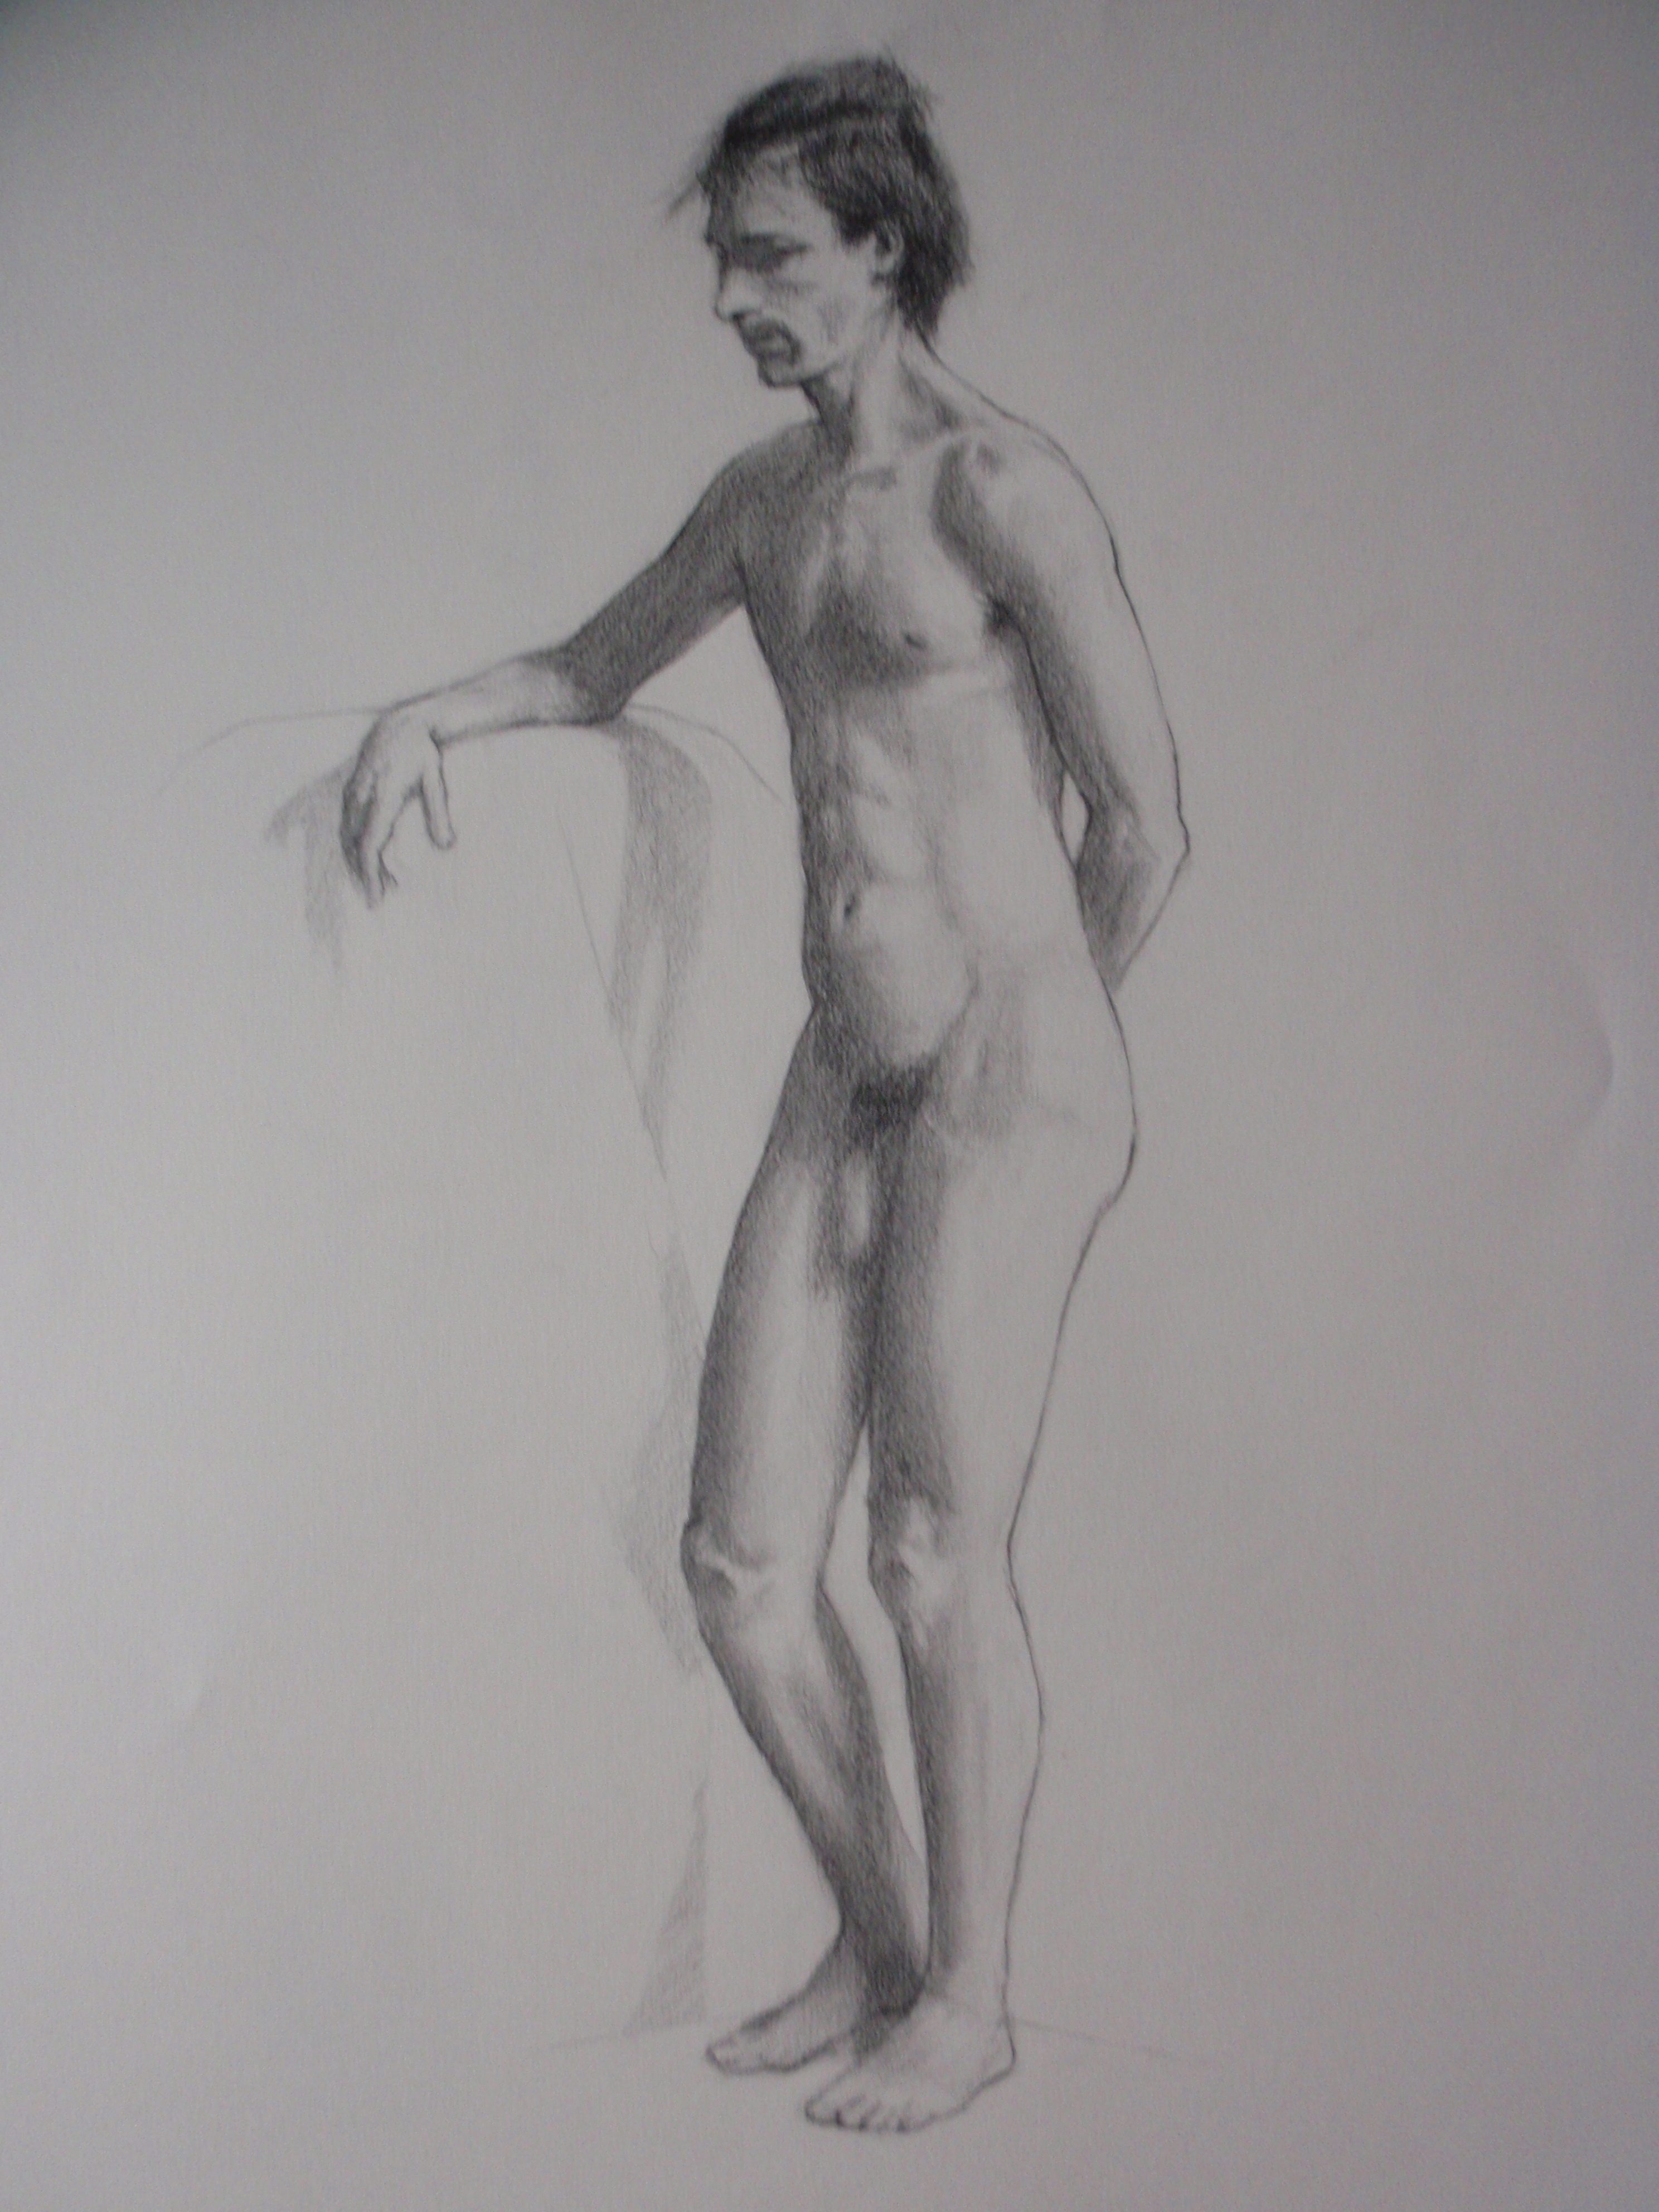 Paolo - Pencil study